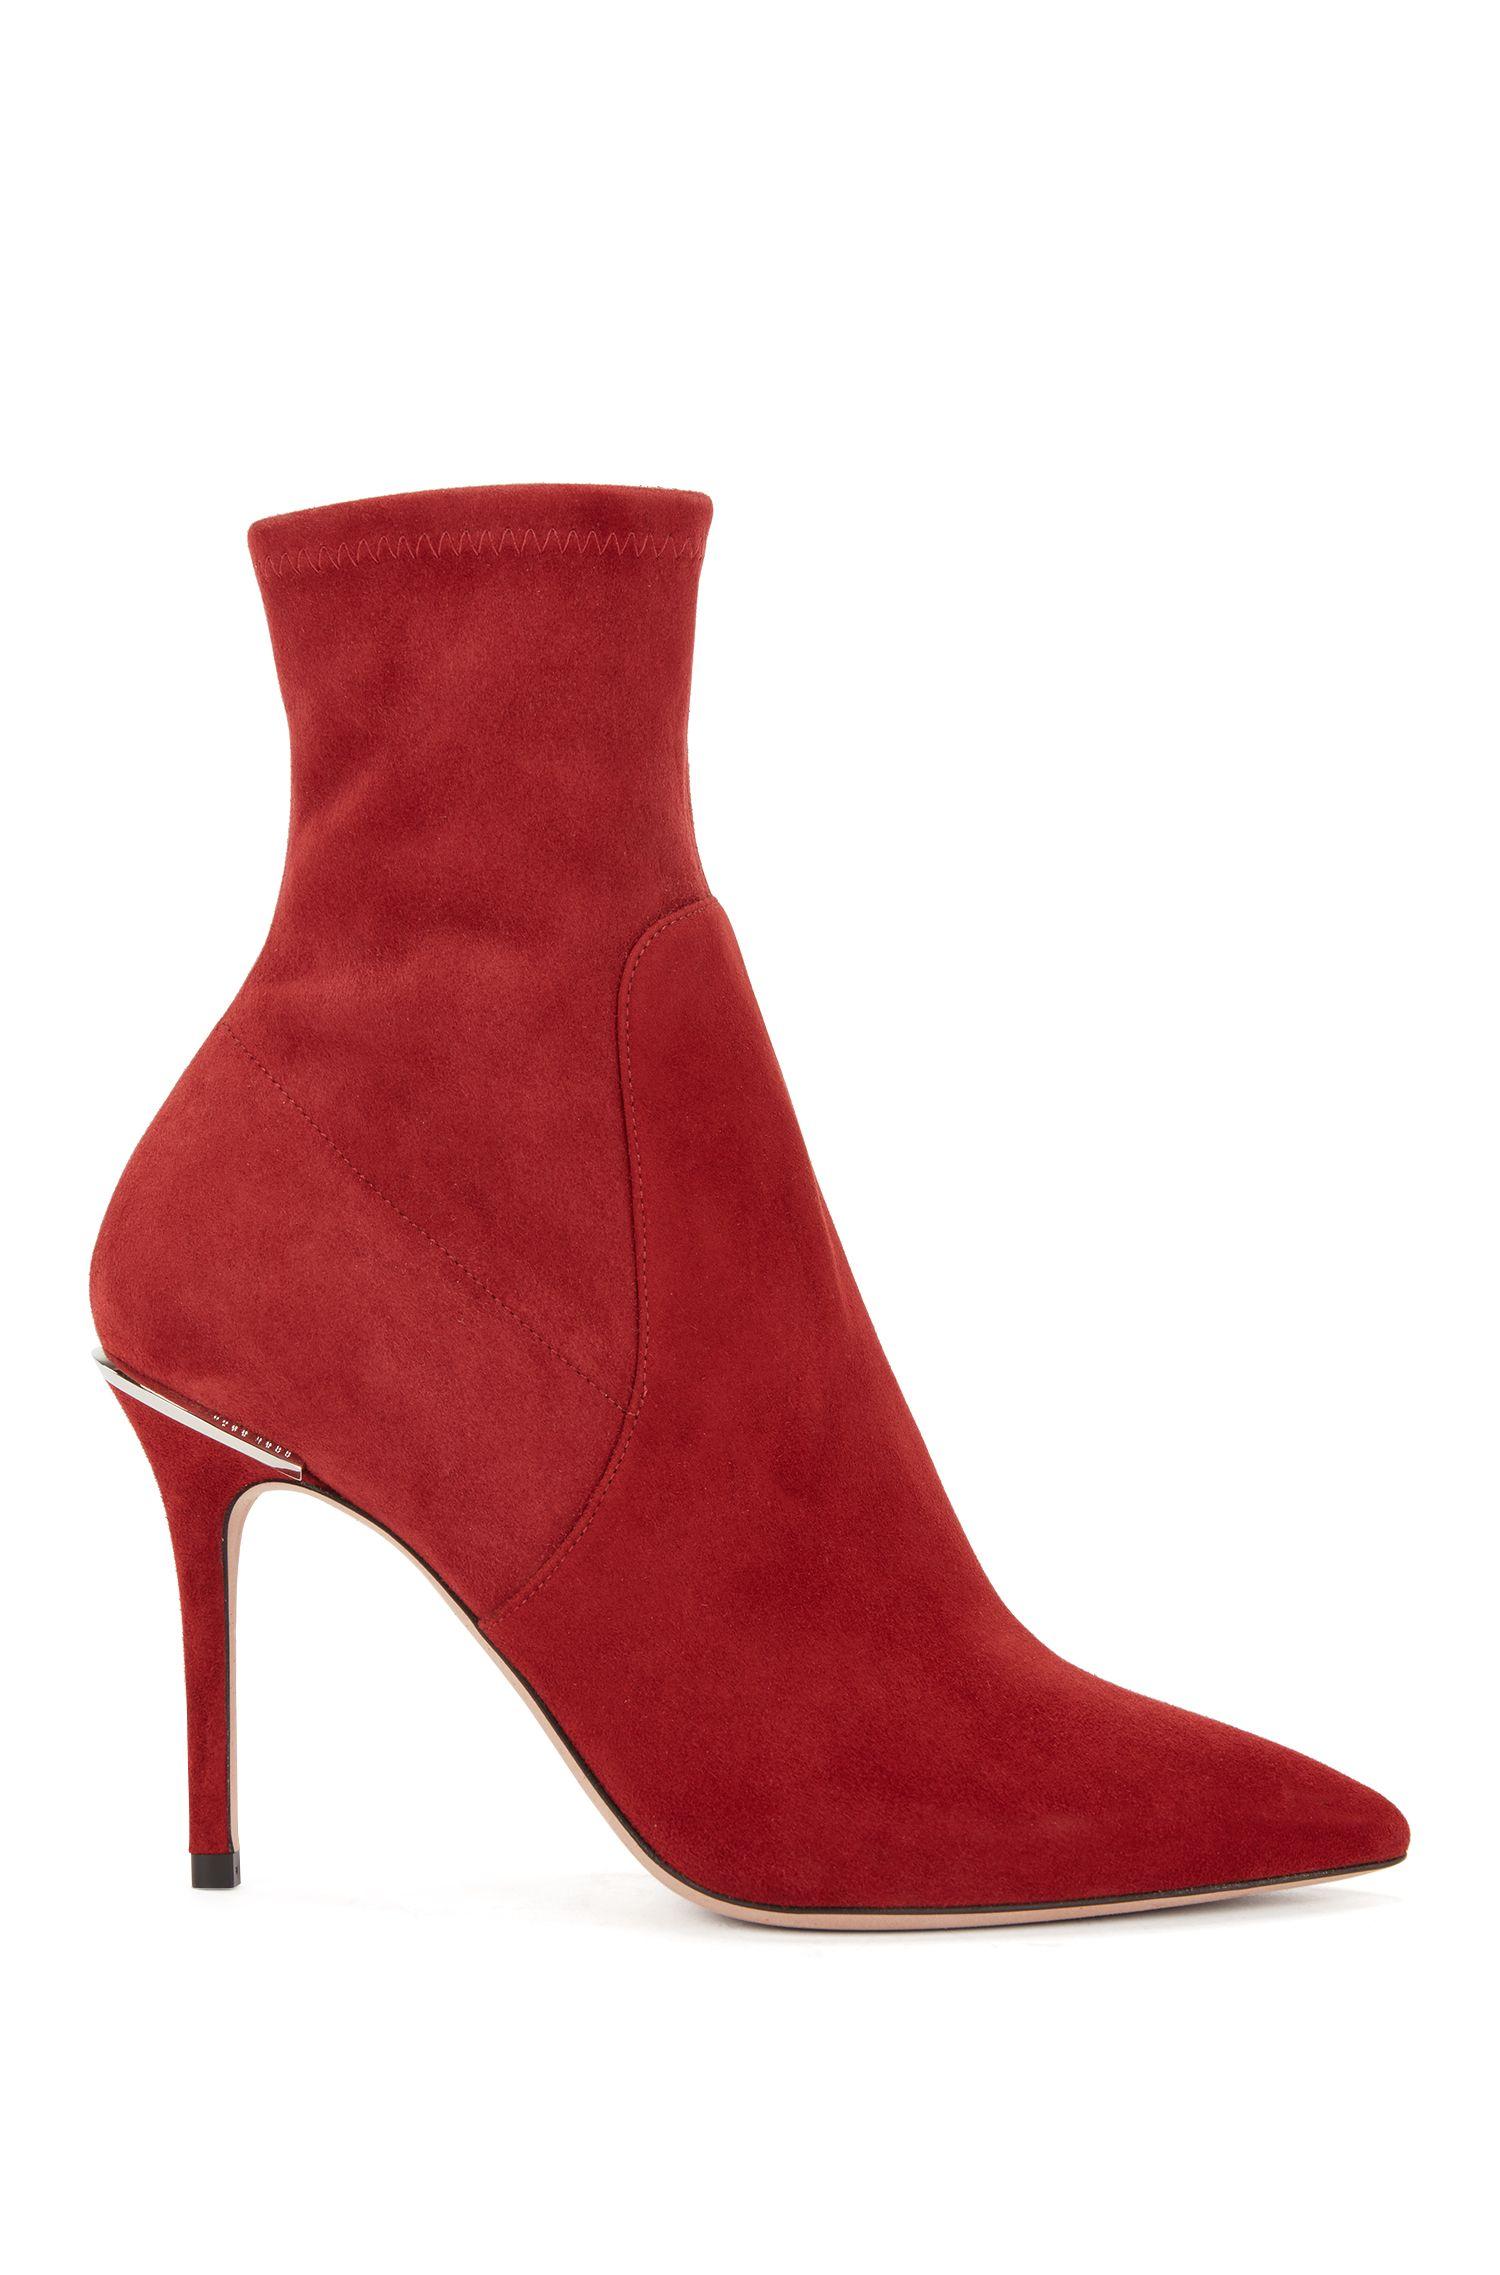 Bottines-chaussettes en daim italien stretch, Rouge sombre